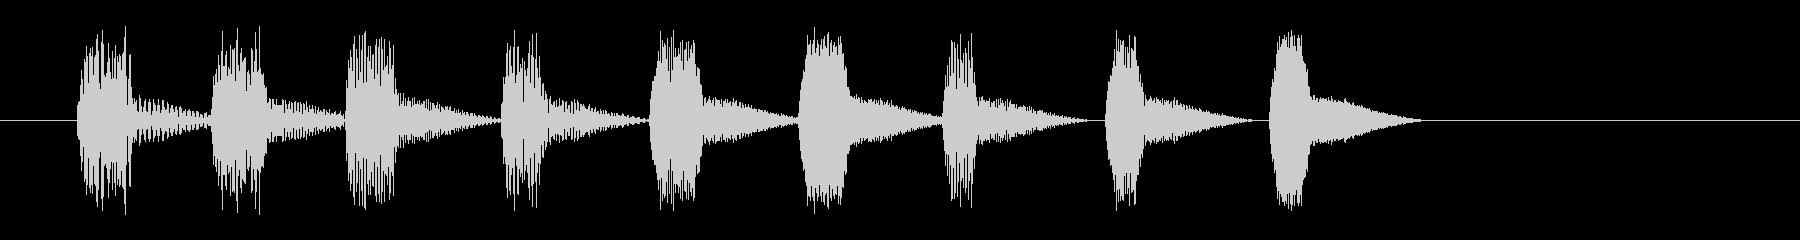 上昇_アップ_200703の未再生の波形